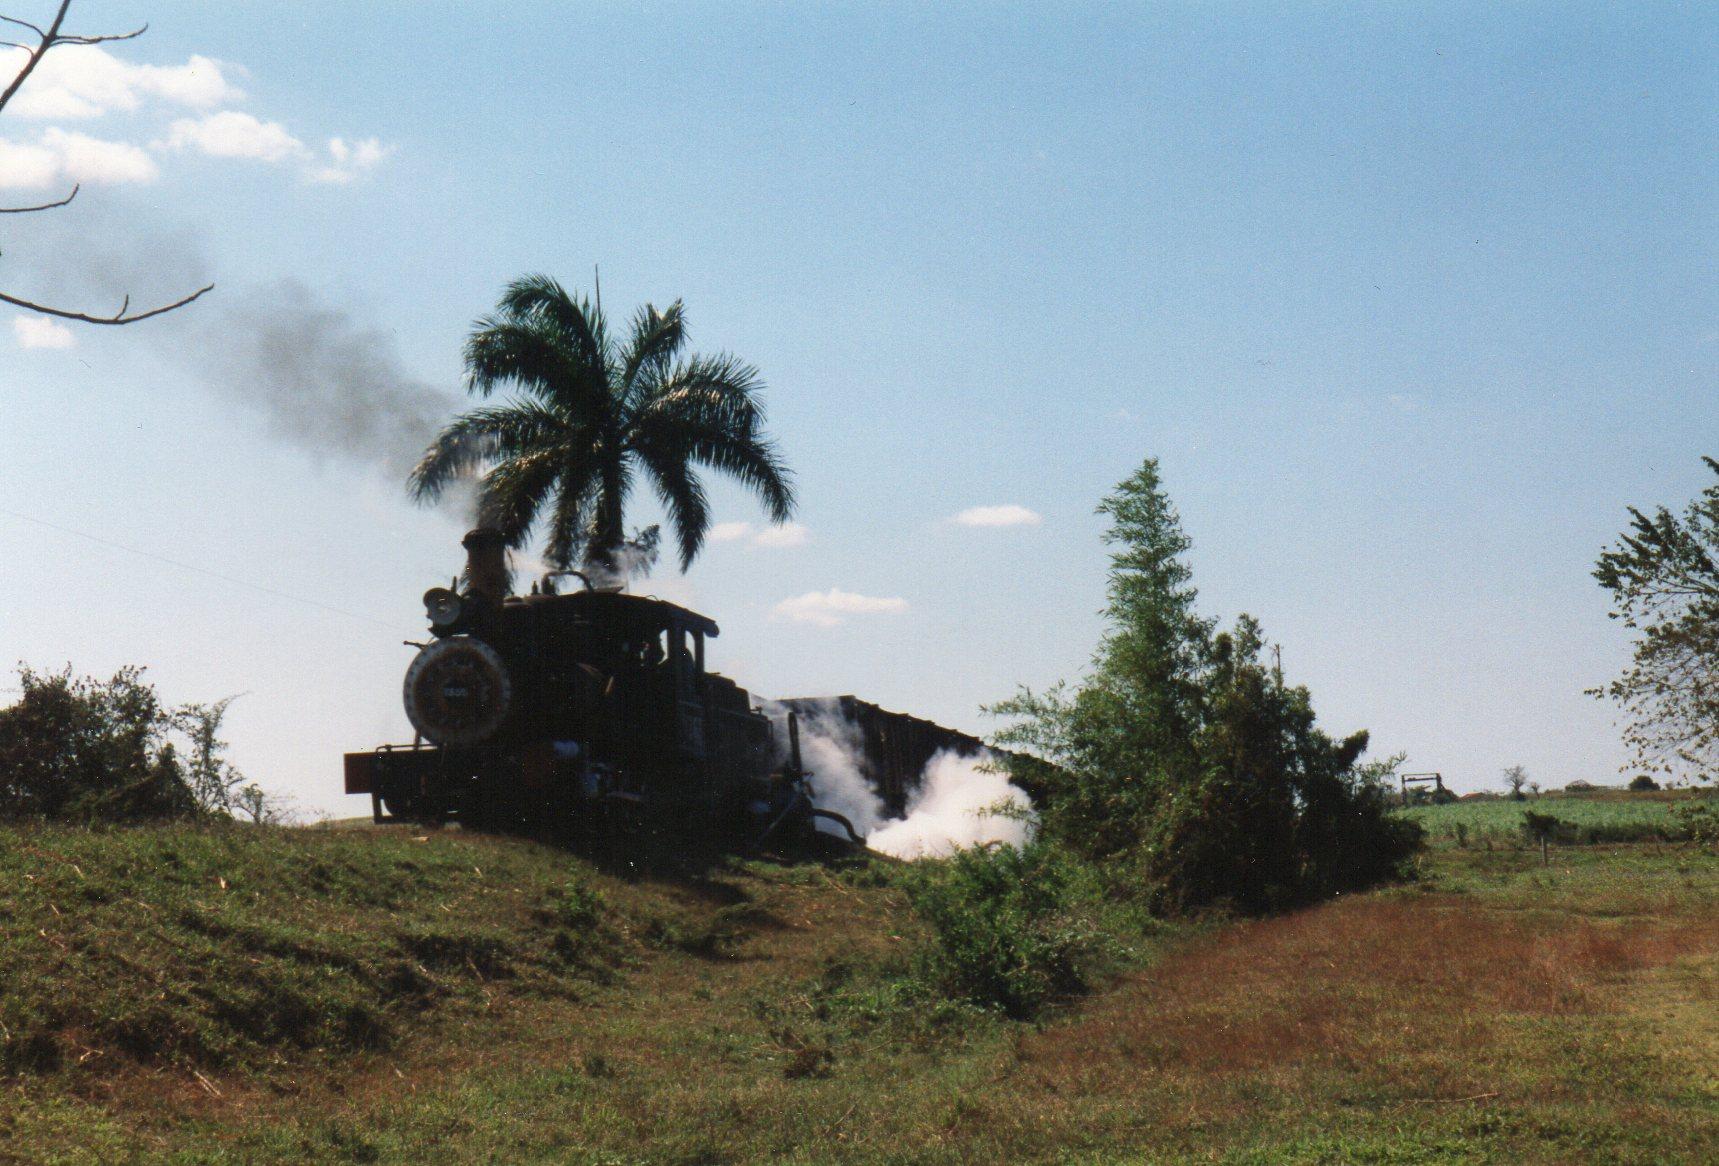 Nær floden Rio Vija kunne lokomotivet tage vand. Pumpen blev drevet med lokomotivet egen damp. Derfor den hvide damp til højre.